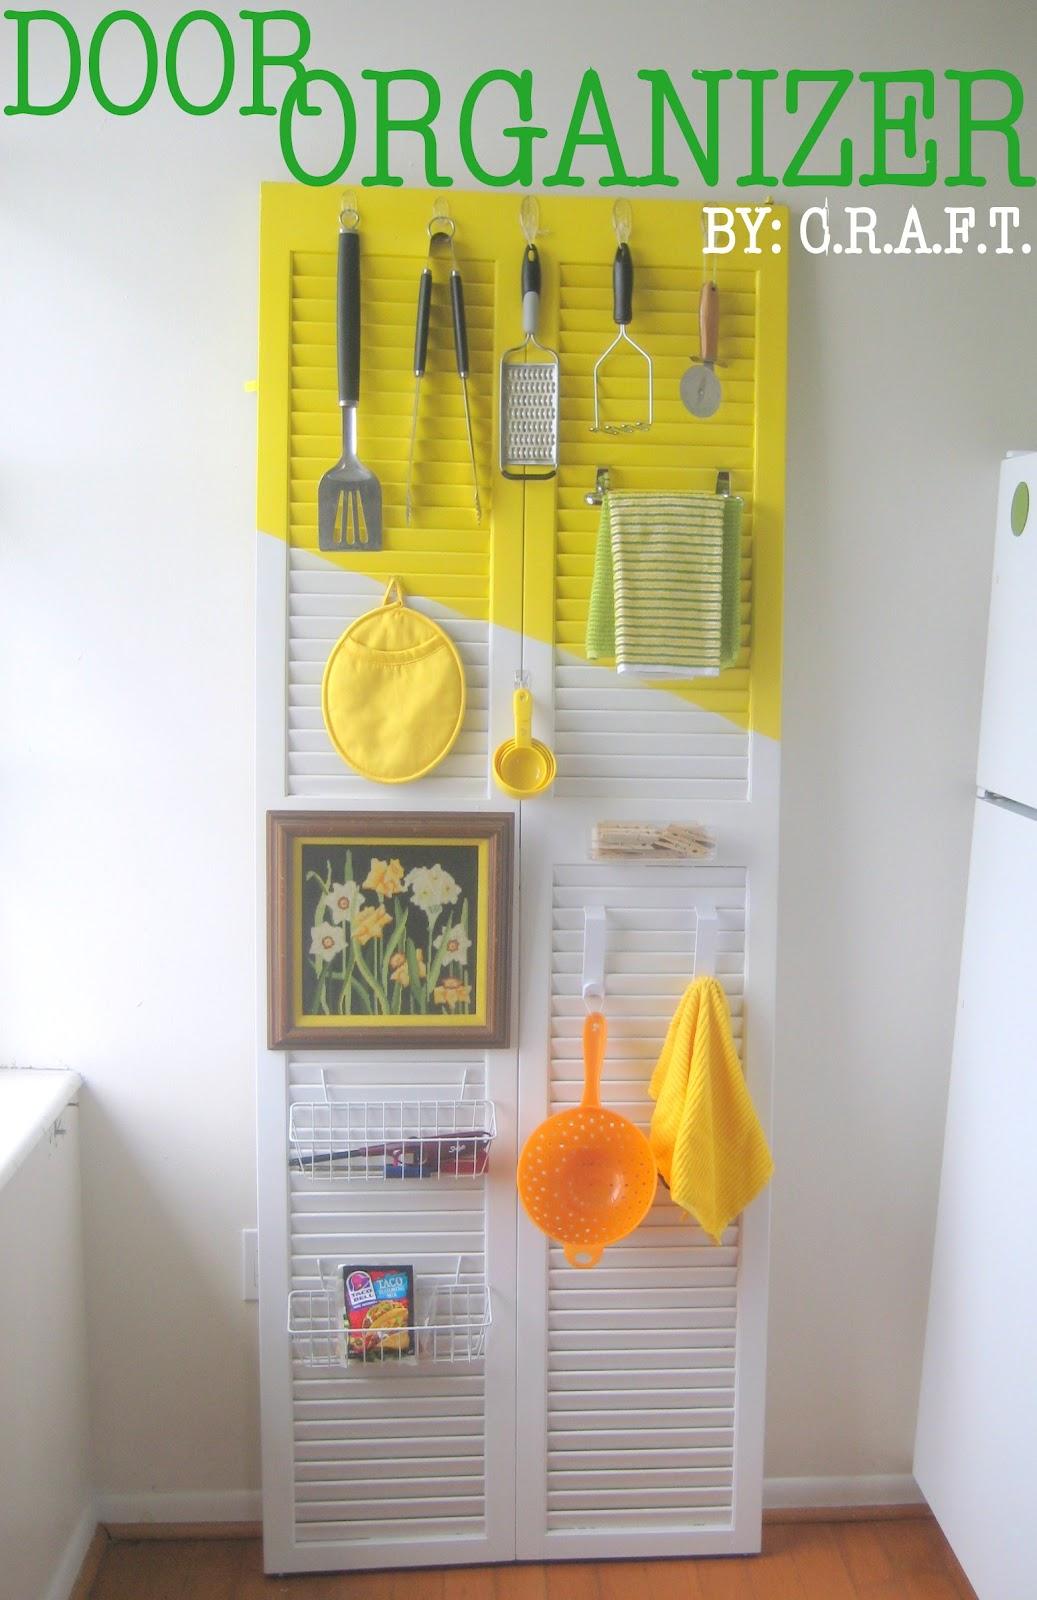 Stunning Diy Kitchen Organizing System Rental Trick A Door Organizer Over Door Storage Target Over Door Storage Pockets baby Over Door Storage